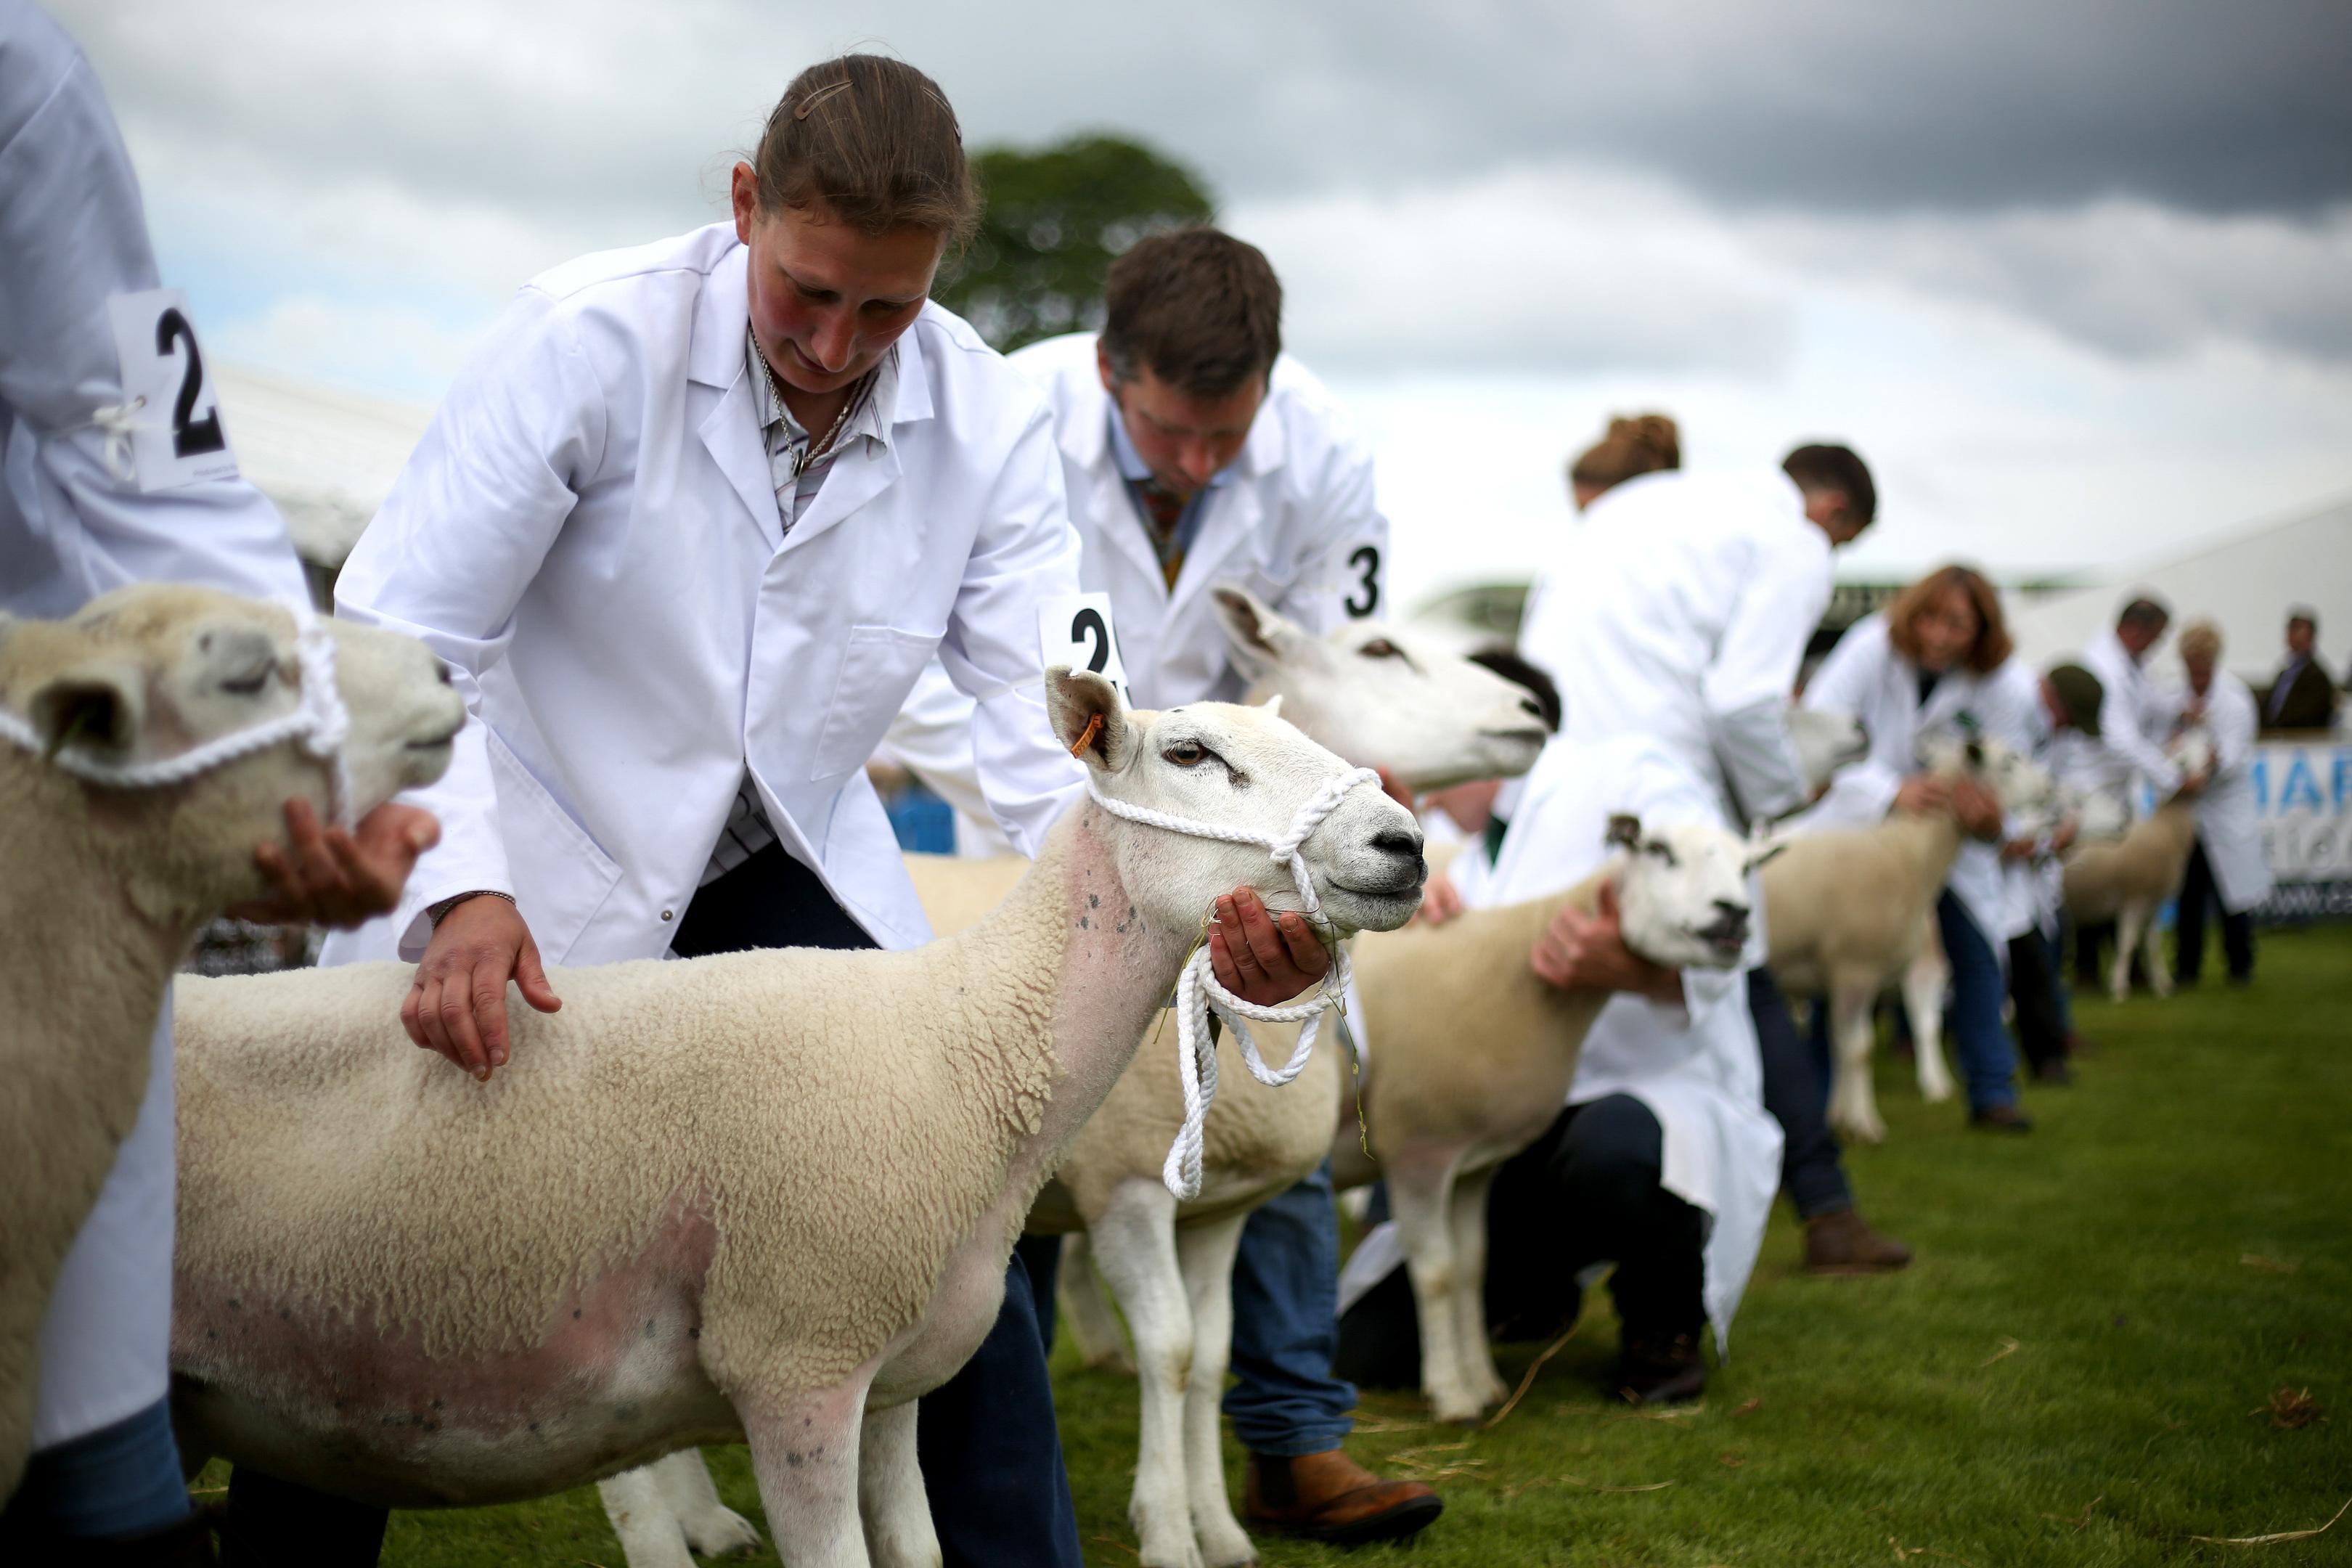 Sheep being shown at Royal Highland Show.